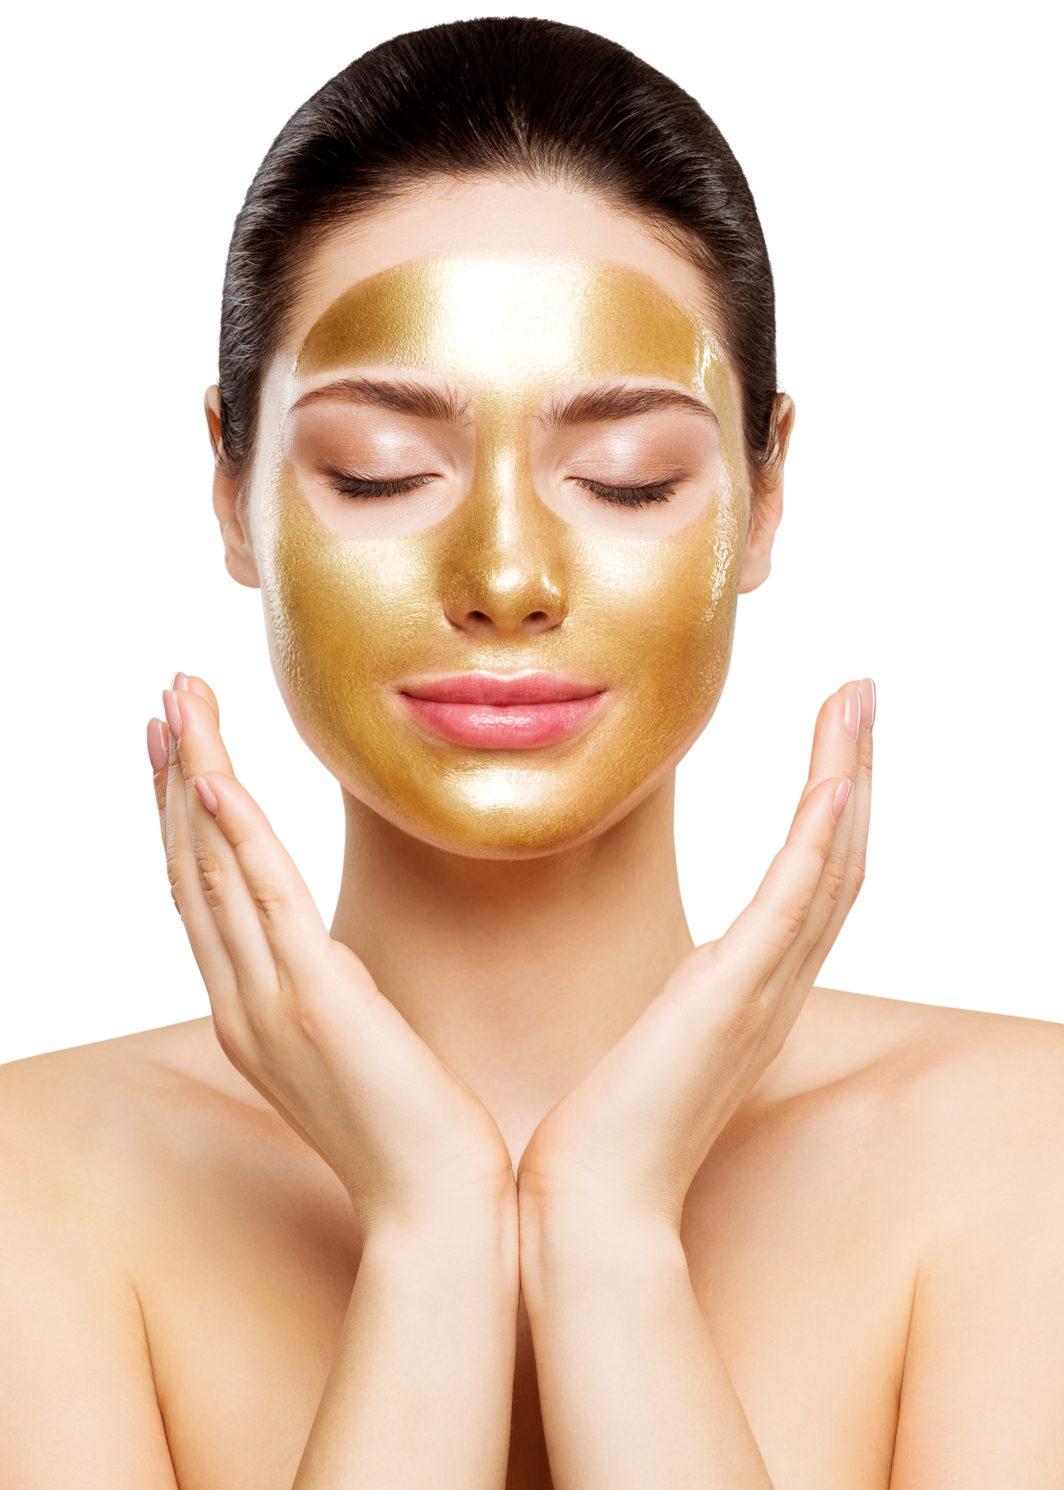 klassische Gesichtspflege_Dr. Babor_ Repair & Refine Cellular Vitaminbehandlung Biogenbehandlung